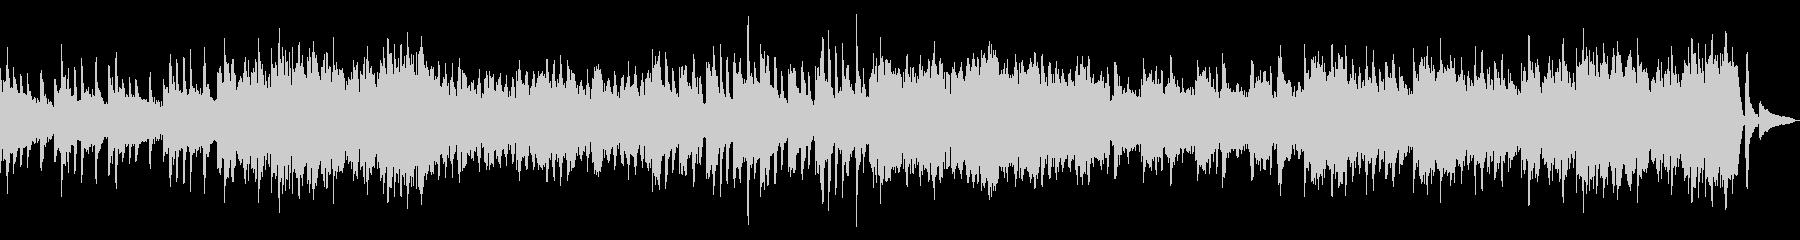 癒しのピアノ、ストリングスBGMの未再生の波形